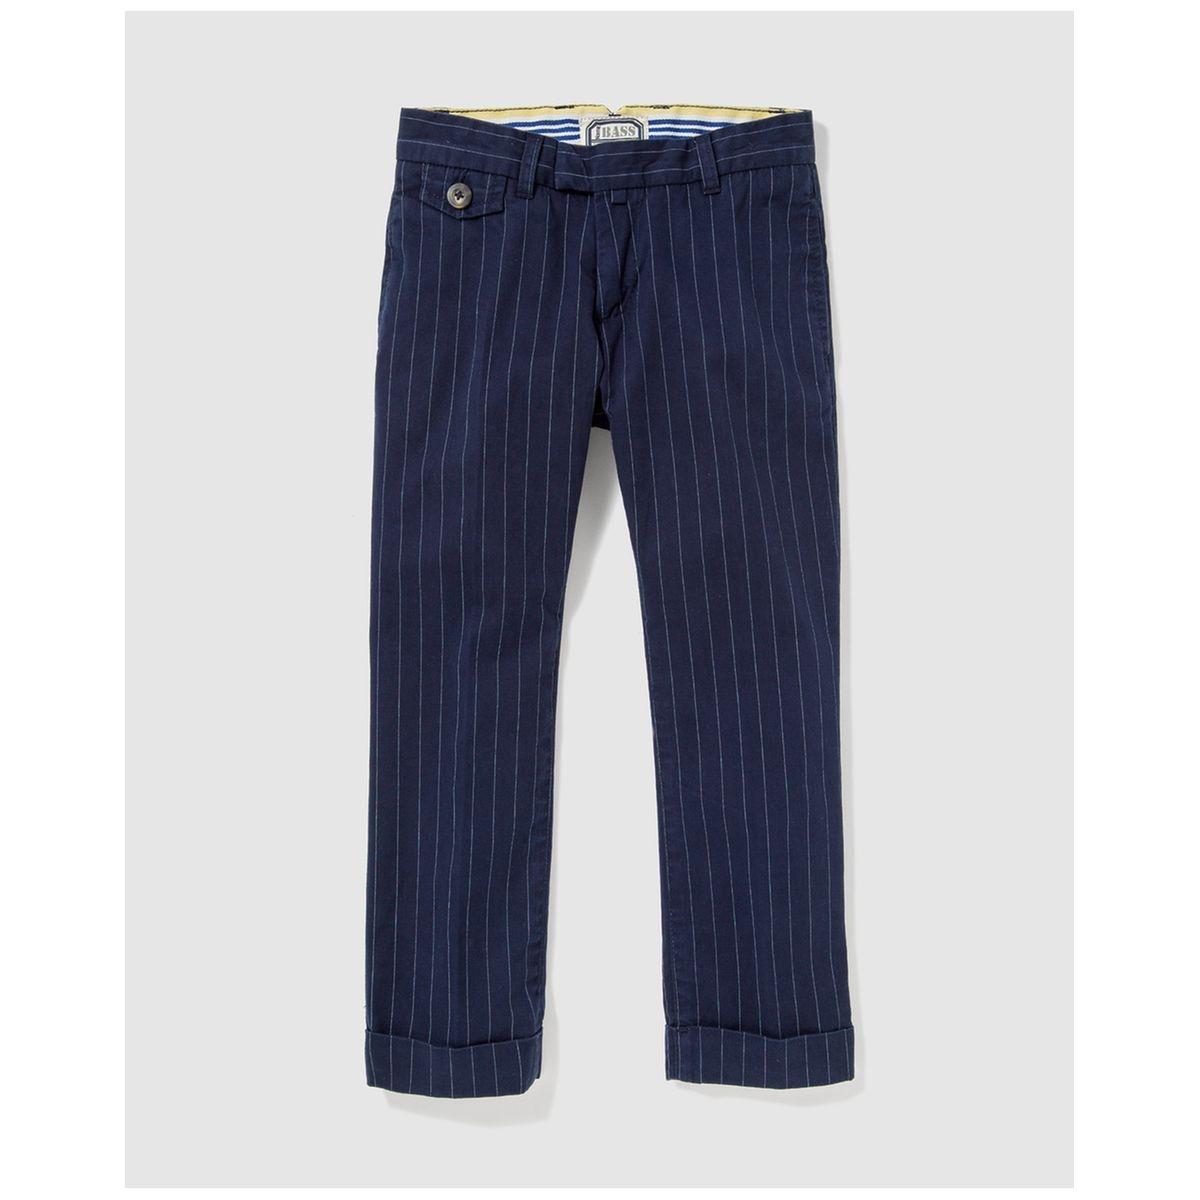 Pantalon bleu à motif tennis